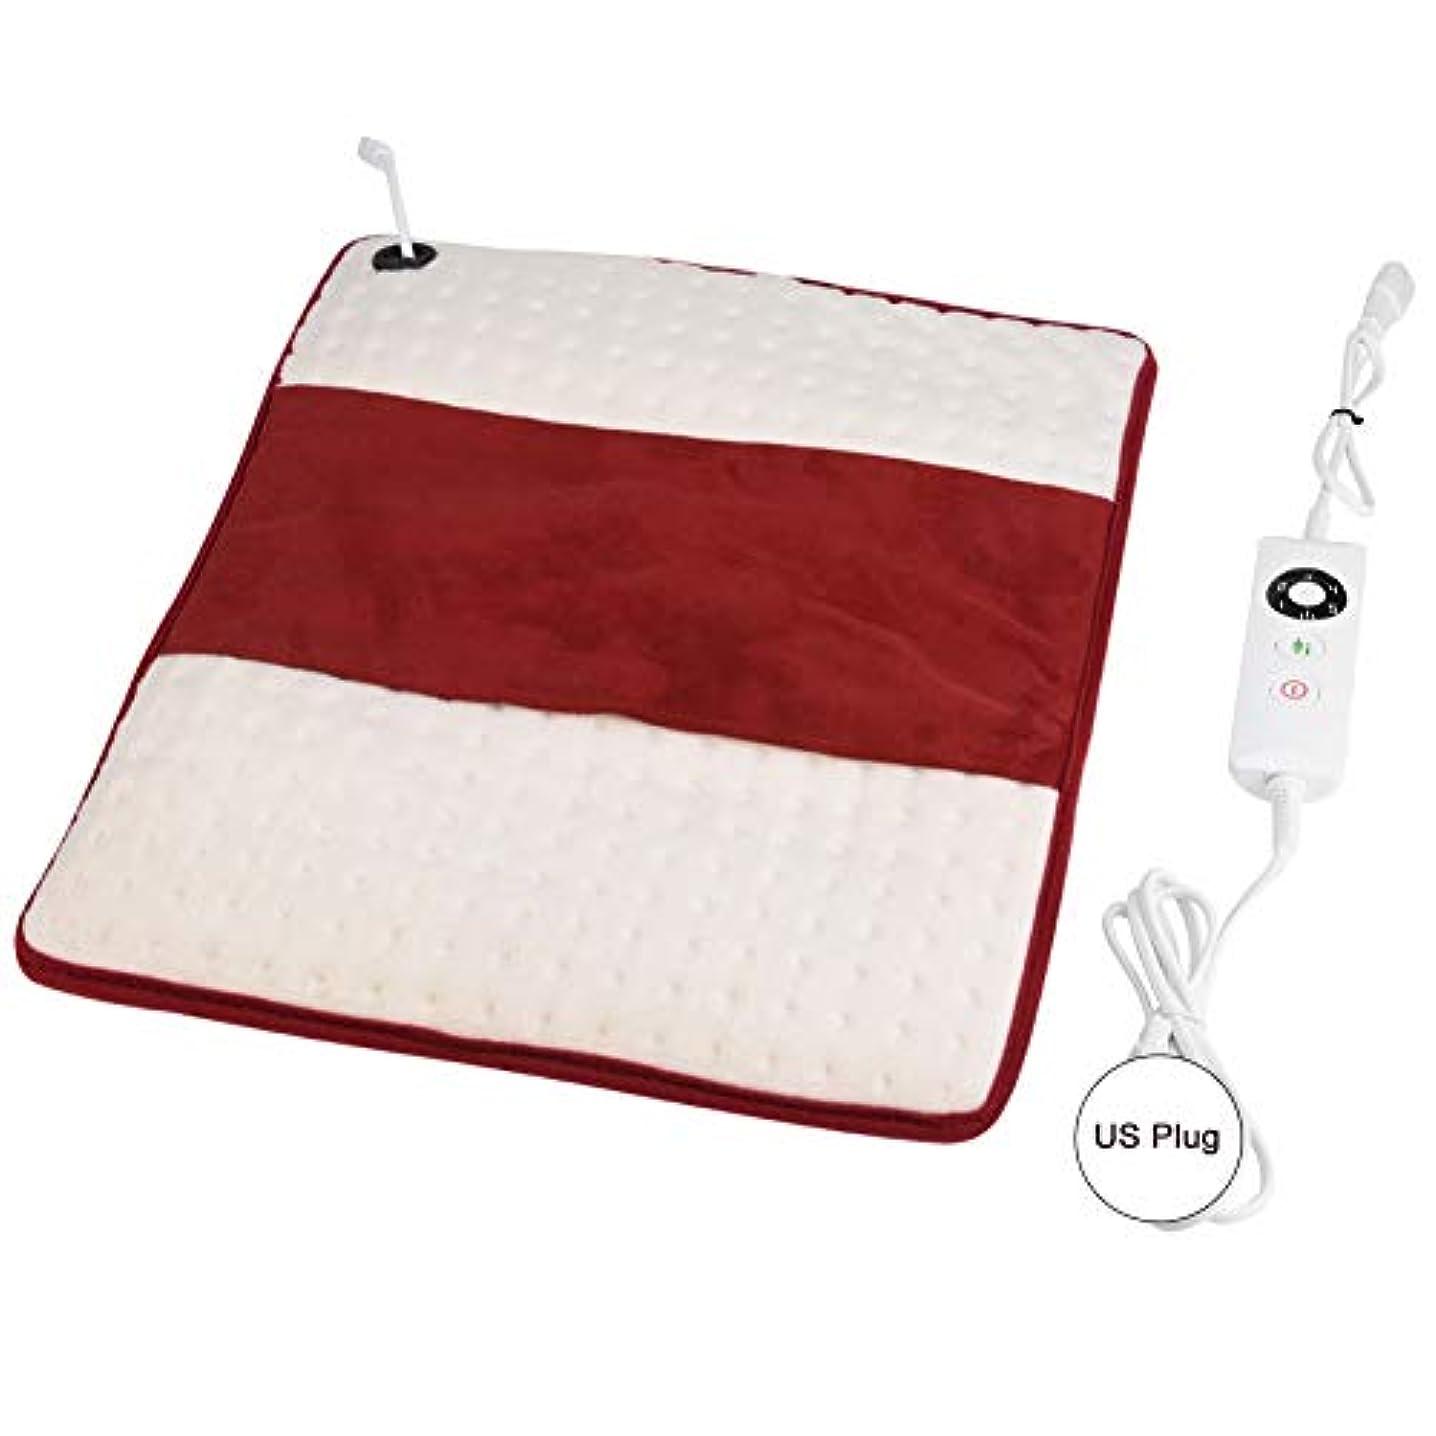 表面季節軽蔑する電気暖房のパッド、多機能の電気暖房療法のパッドの洗濯できる腰痛の救助のマット(US Plug)